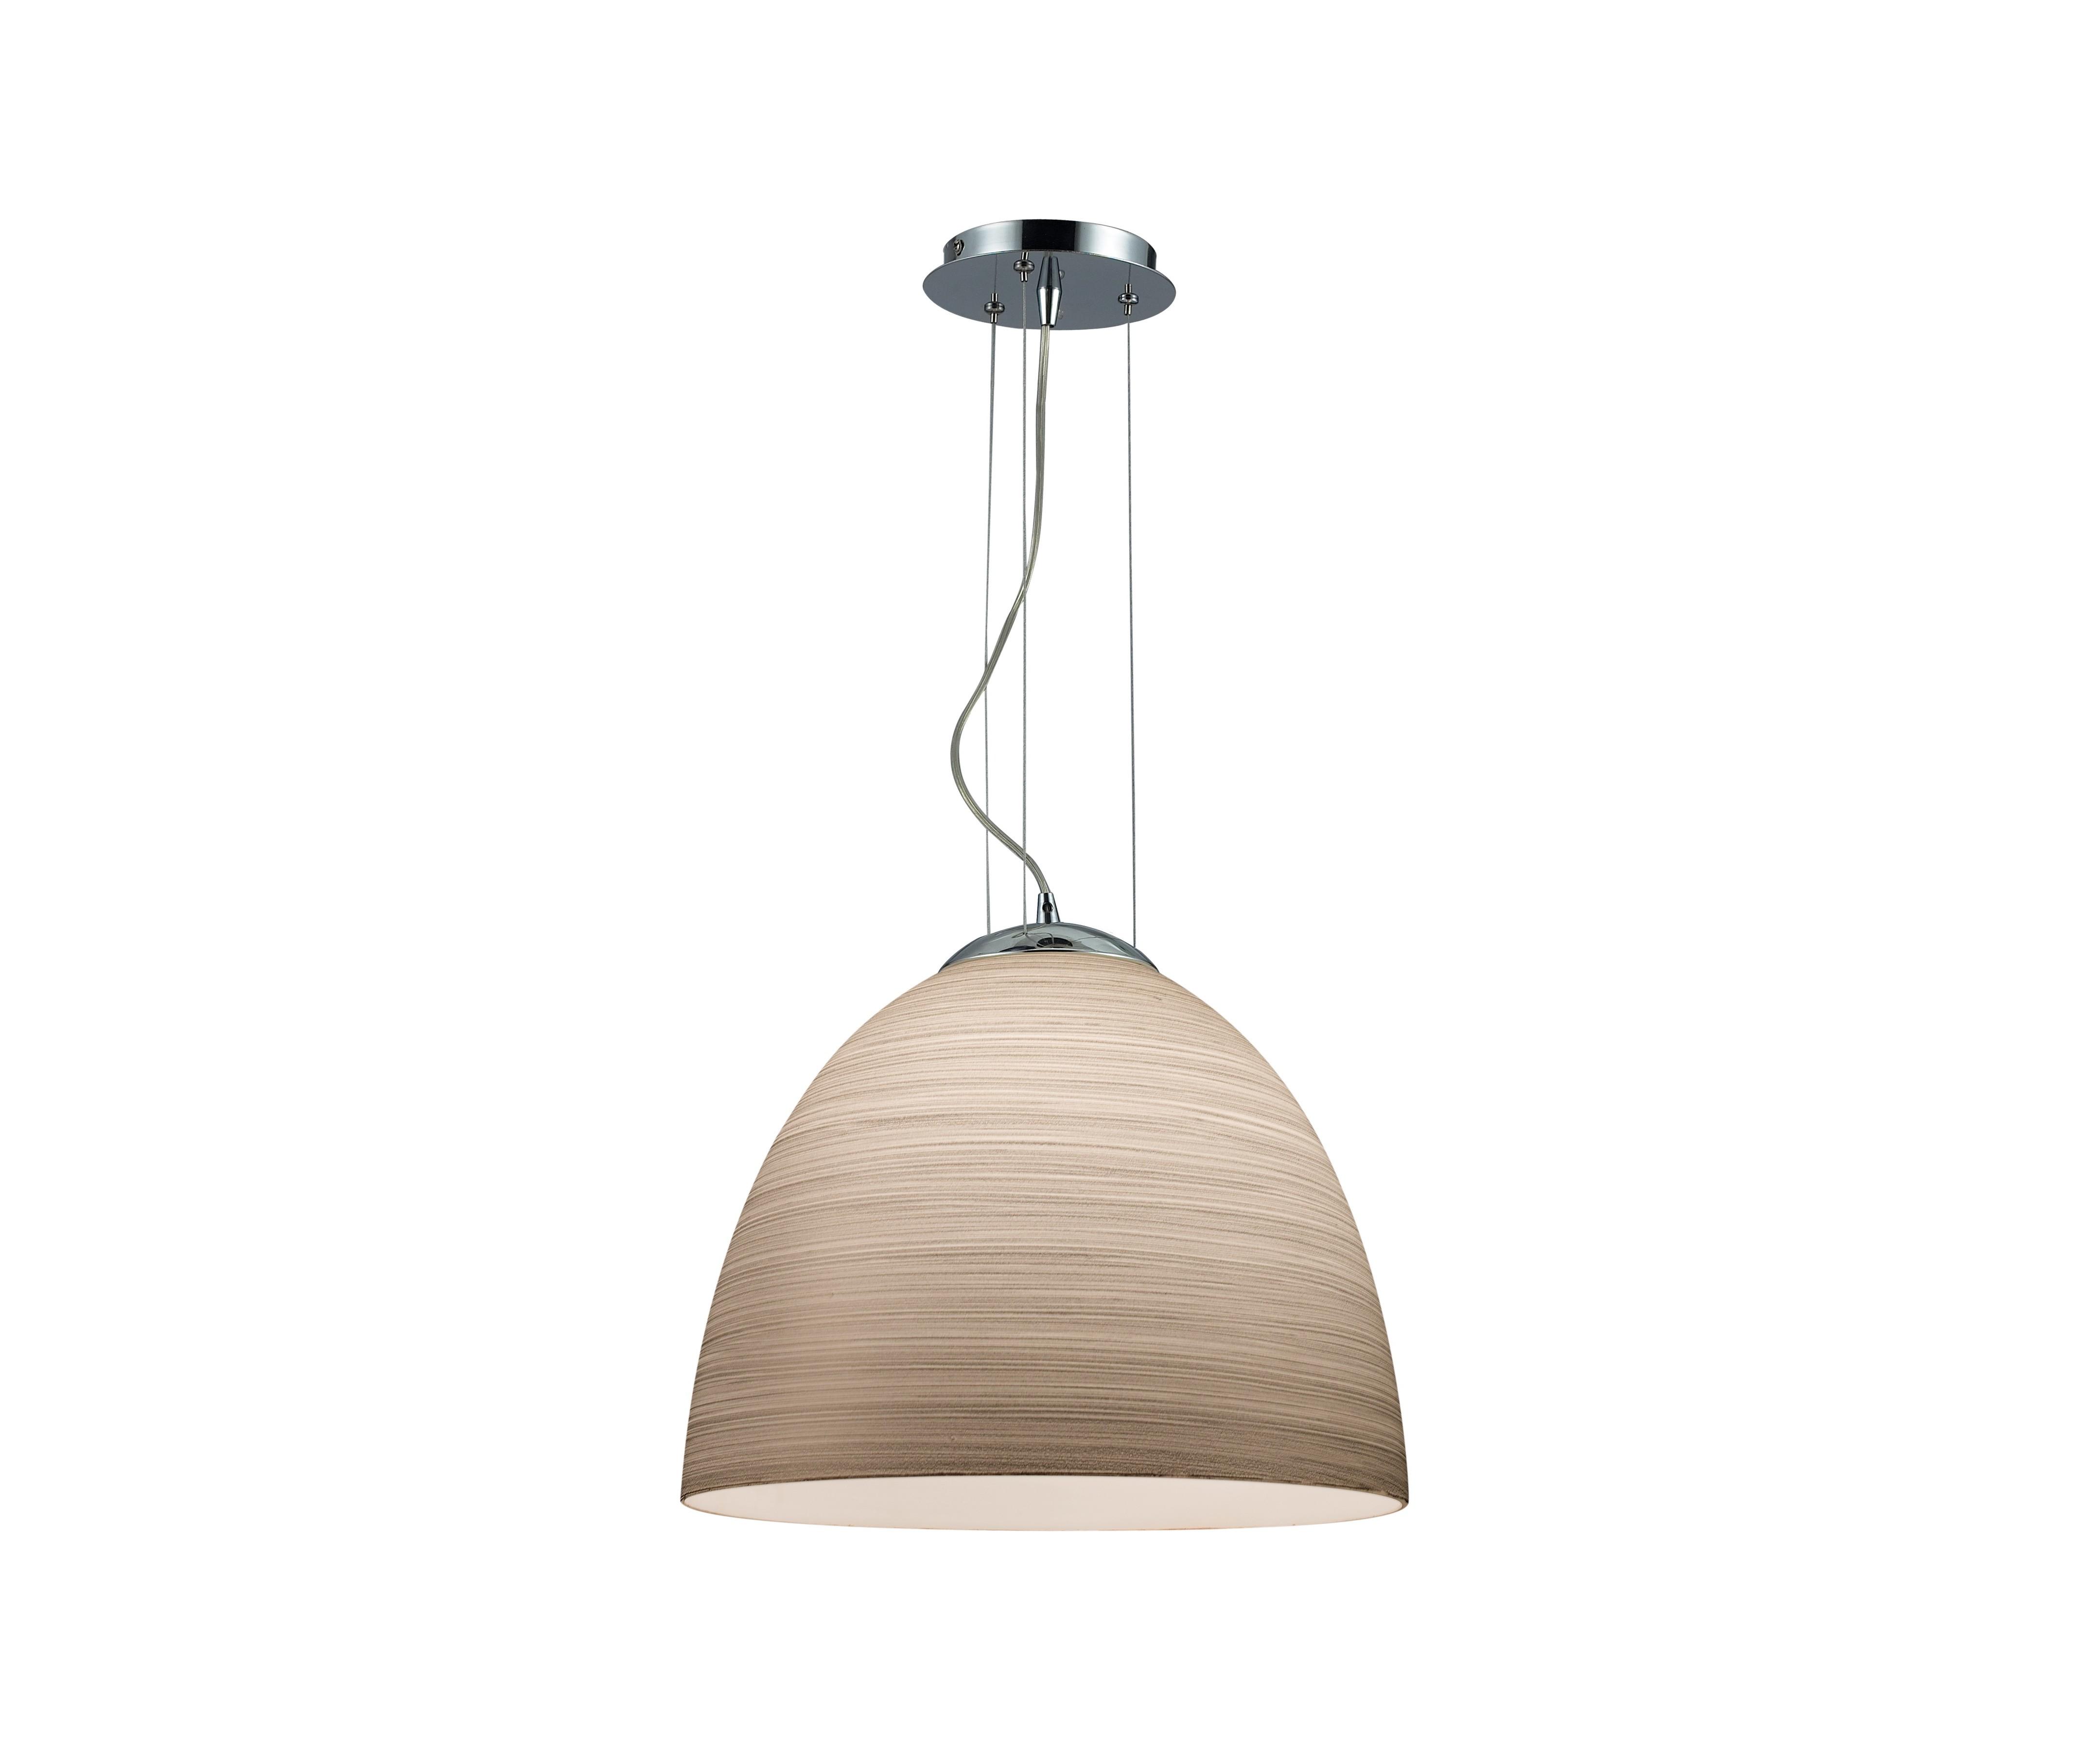 Светильник подвесной PalmyraПодвесные светильники<br>Светильник подвесной в стиле Мегаполис.<br>Светильник поставляется в собранном виде и имеет в комплекте все необходимые для монтажа крепежные элементы.&amp;lt;div&amp;gt;&amp;lt;br&amp;gt;&amp;lt;/div&amp;gt;&amp;lt;div&amp;gt;&amp;lt;div&amp;gt;Цоколь: E27&amp;lt;/div&amp;gt;&amp;lt;div&amp;gt;Мощность лампы: 100W&amp;lt;/div&amp;gt;&amp;lt;div&amp;gt;Количество ламп: 1&amp;lt;/div&amp;gt;&amp;lt;div&amp;gt;Лампочки не входят в комплект.&amp;lt;/div&amp;gt;&amp;lt;/div&amp;gt;<br><br>Material: Металл<br>Height см: 120<br>Diameter см: 39,5